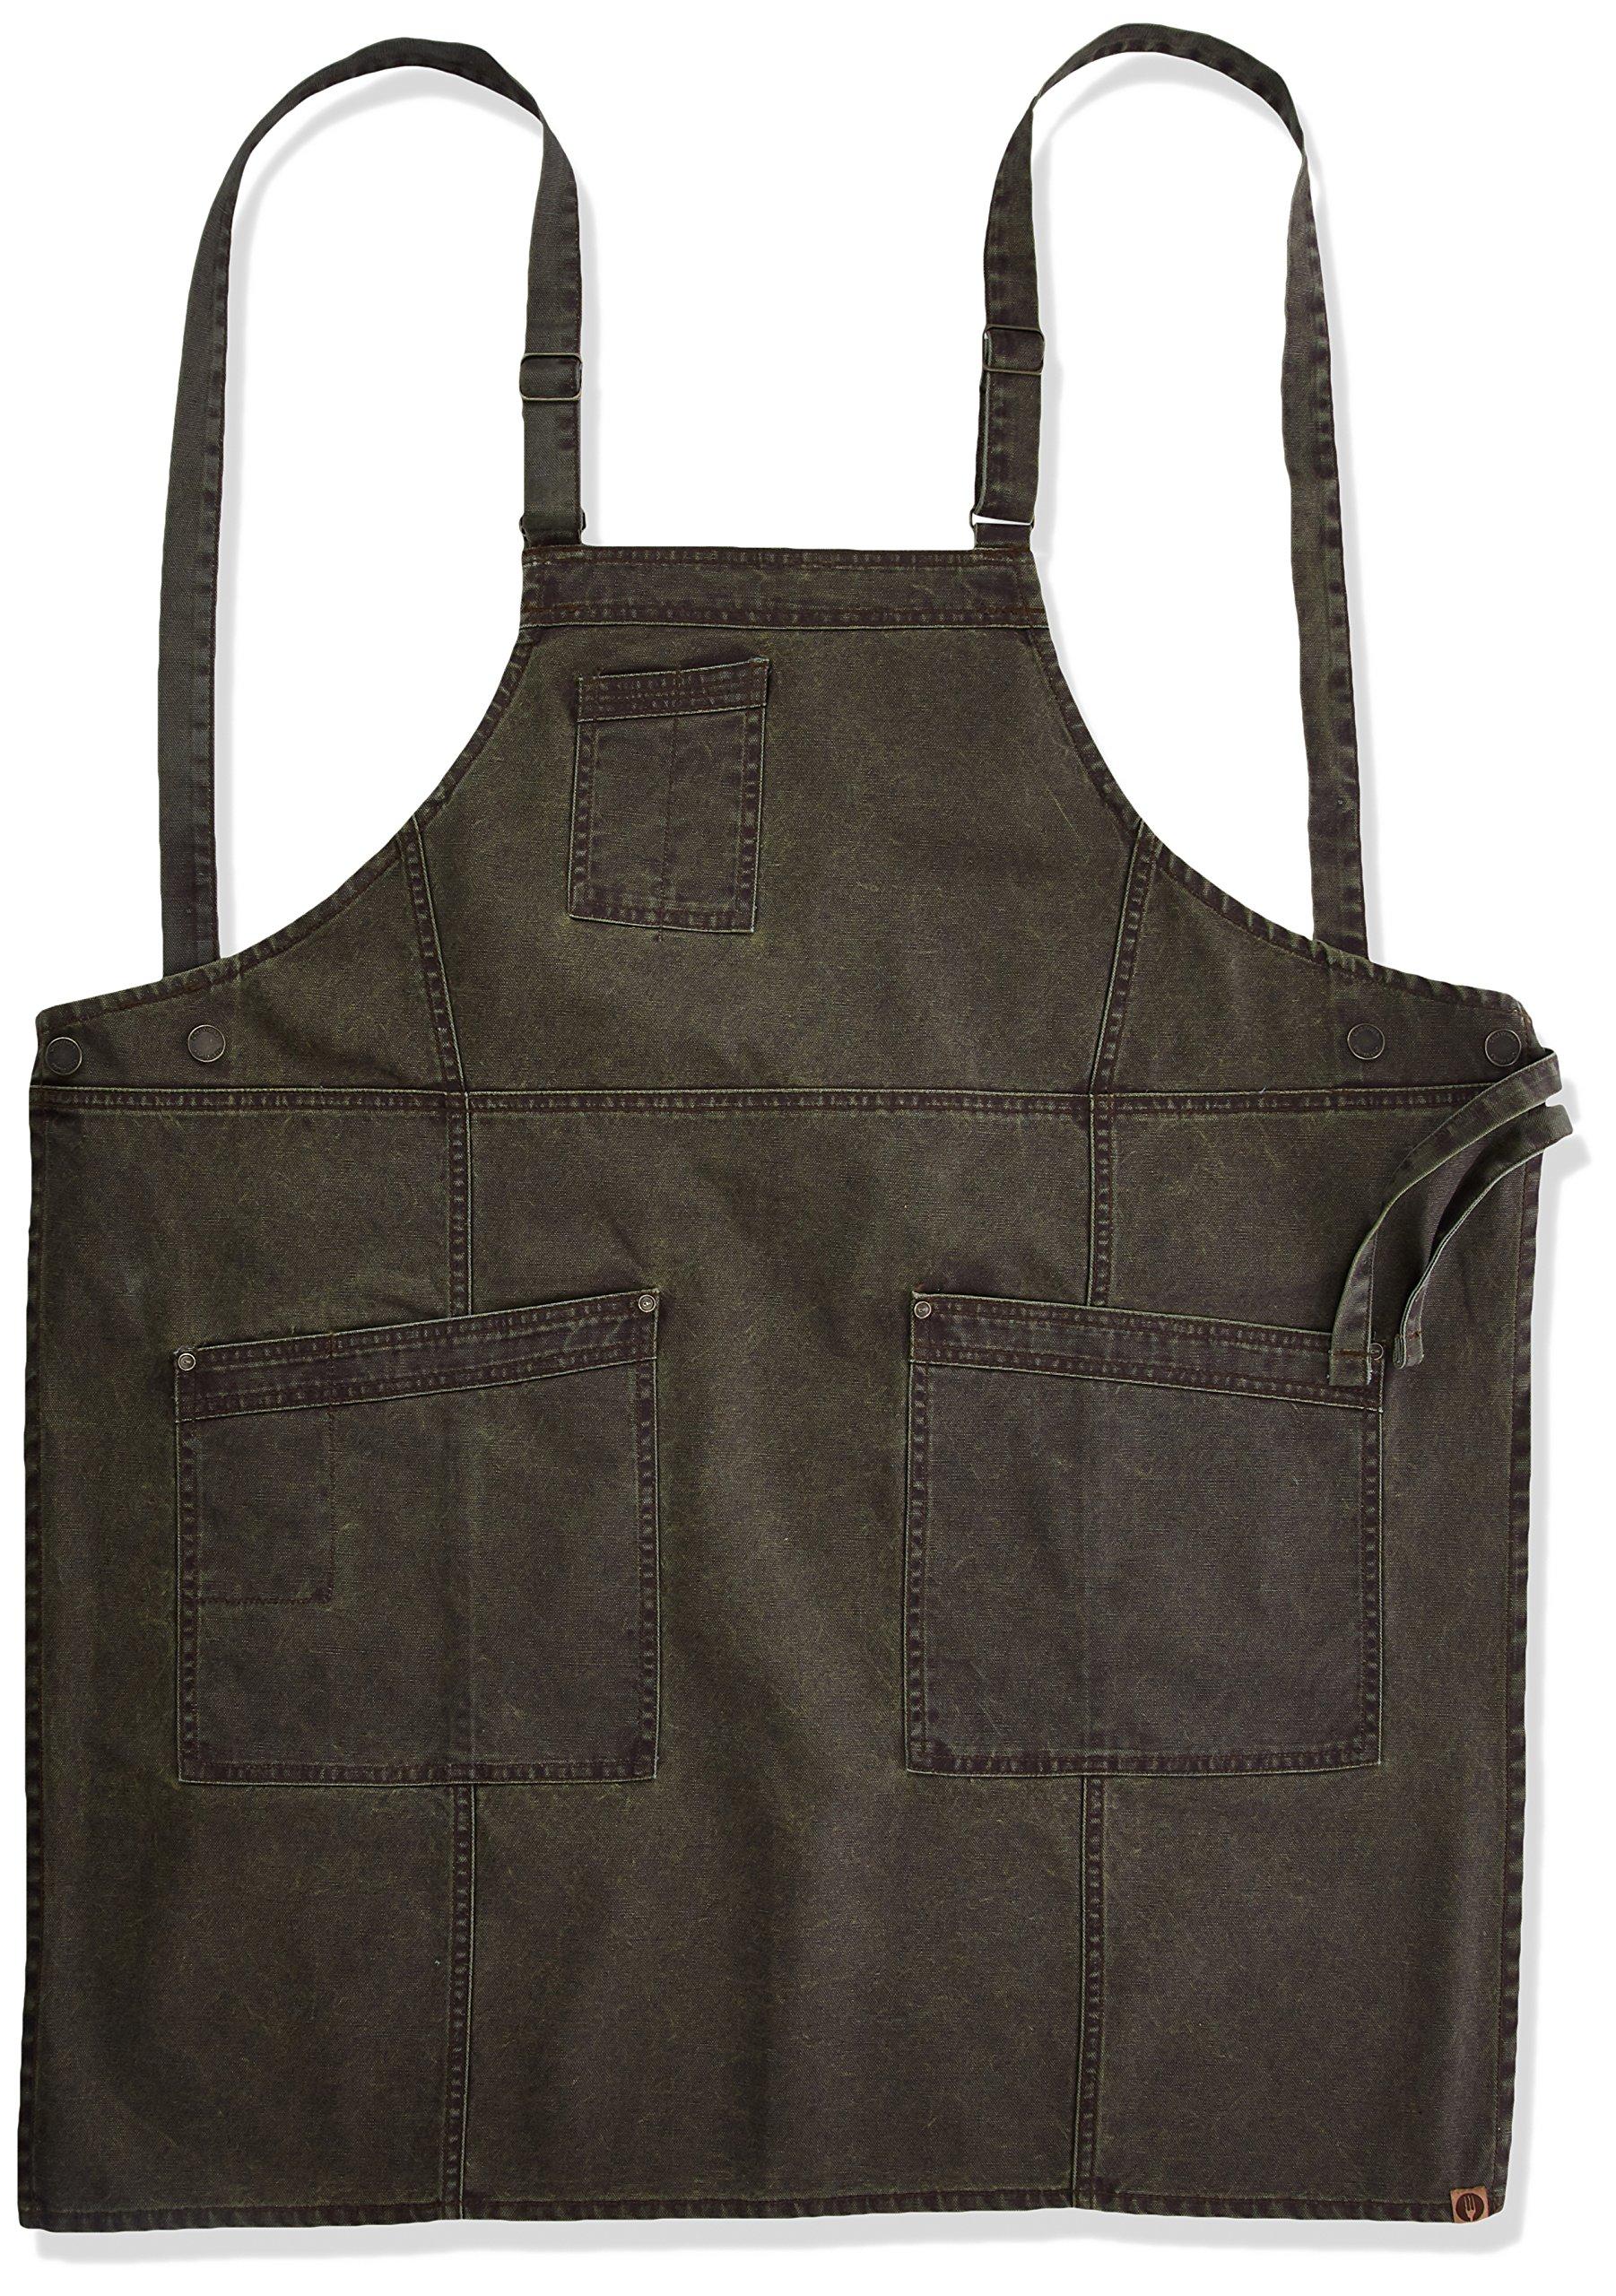 Chef Works Men's Denver Cross-Back Bib Apron, Olivewood, One Size